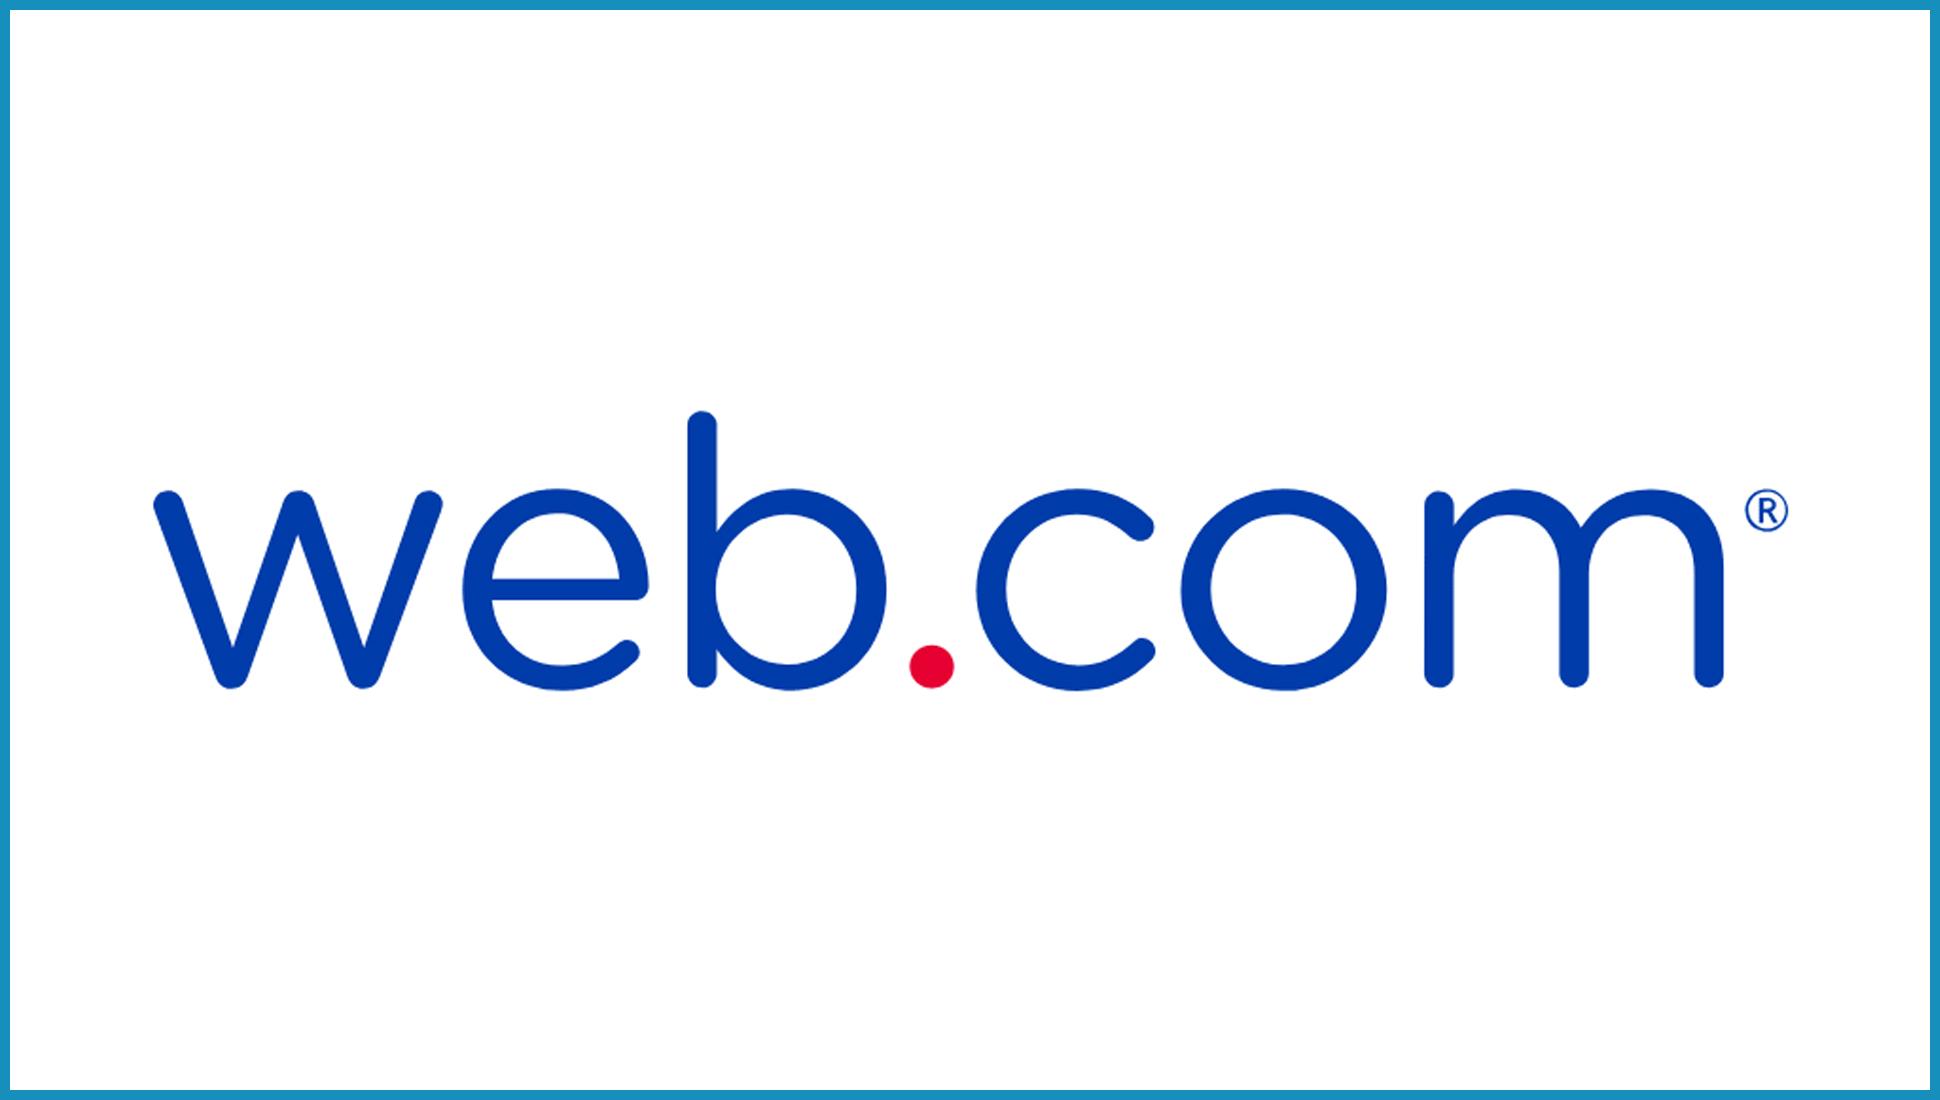 Web.com's logo